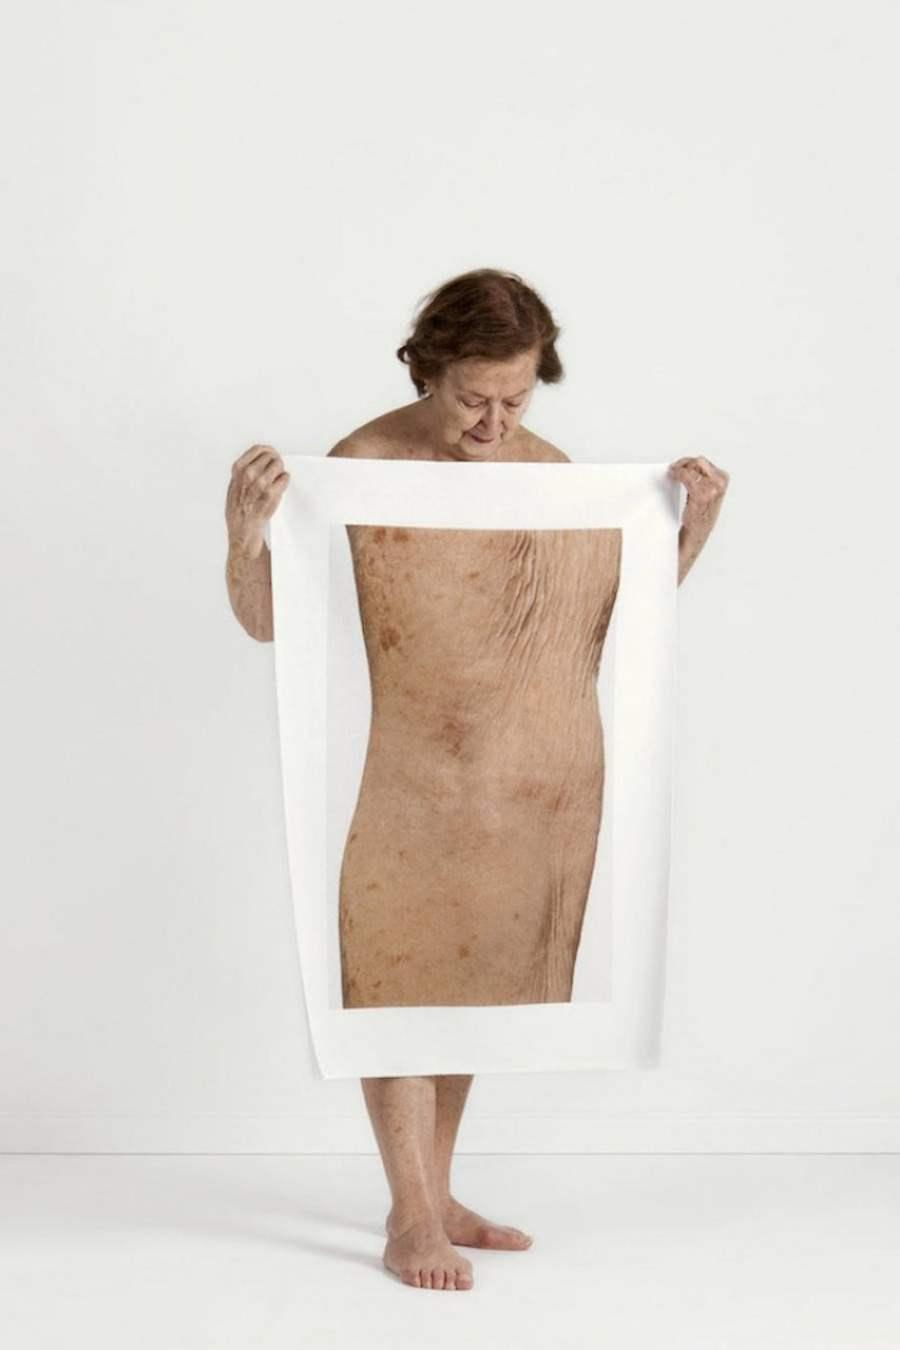 # Meltem Isik大尺寸的身體局部圖:讓你以不同視角檢視自我 9